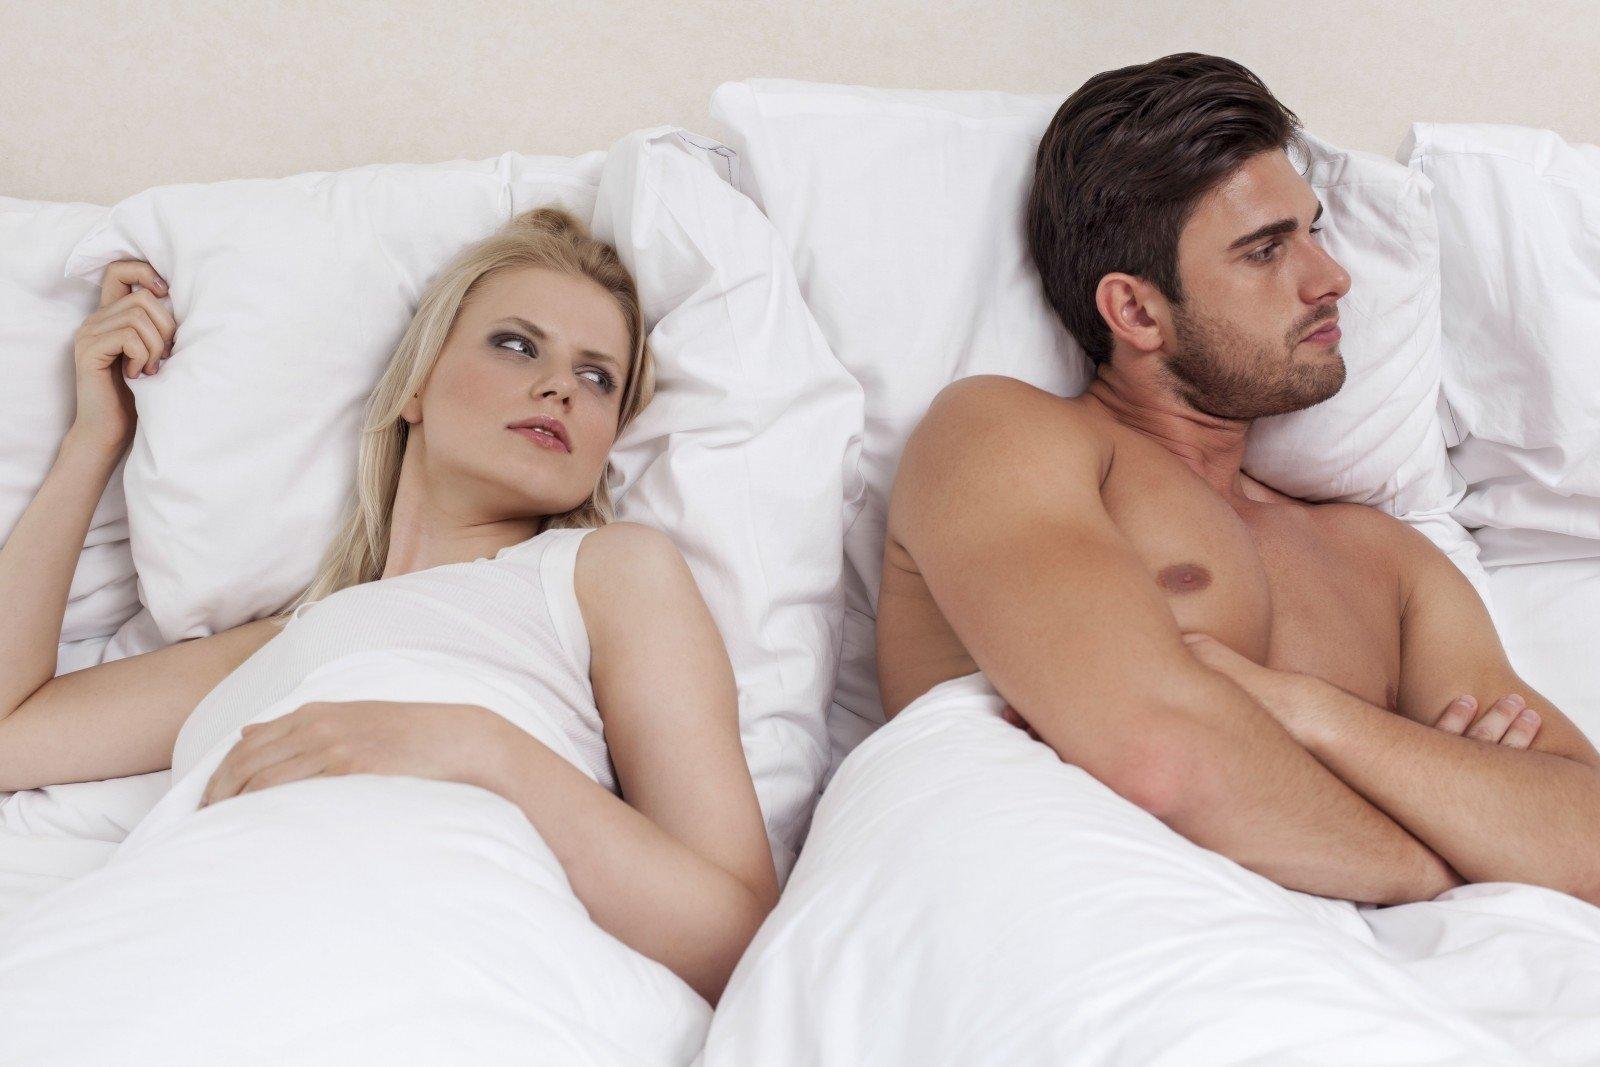 ką daryti moteriai, kad būtų erekcija